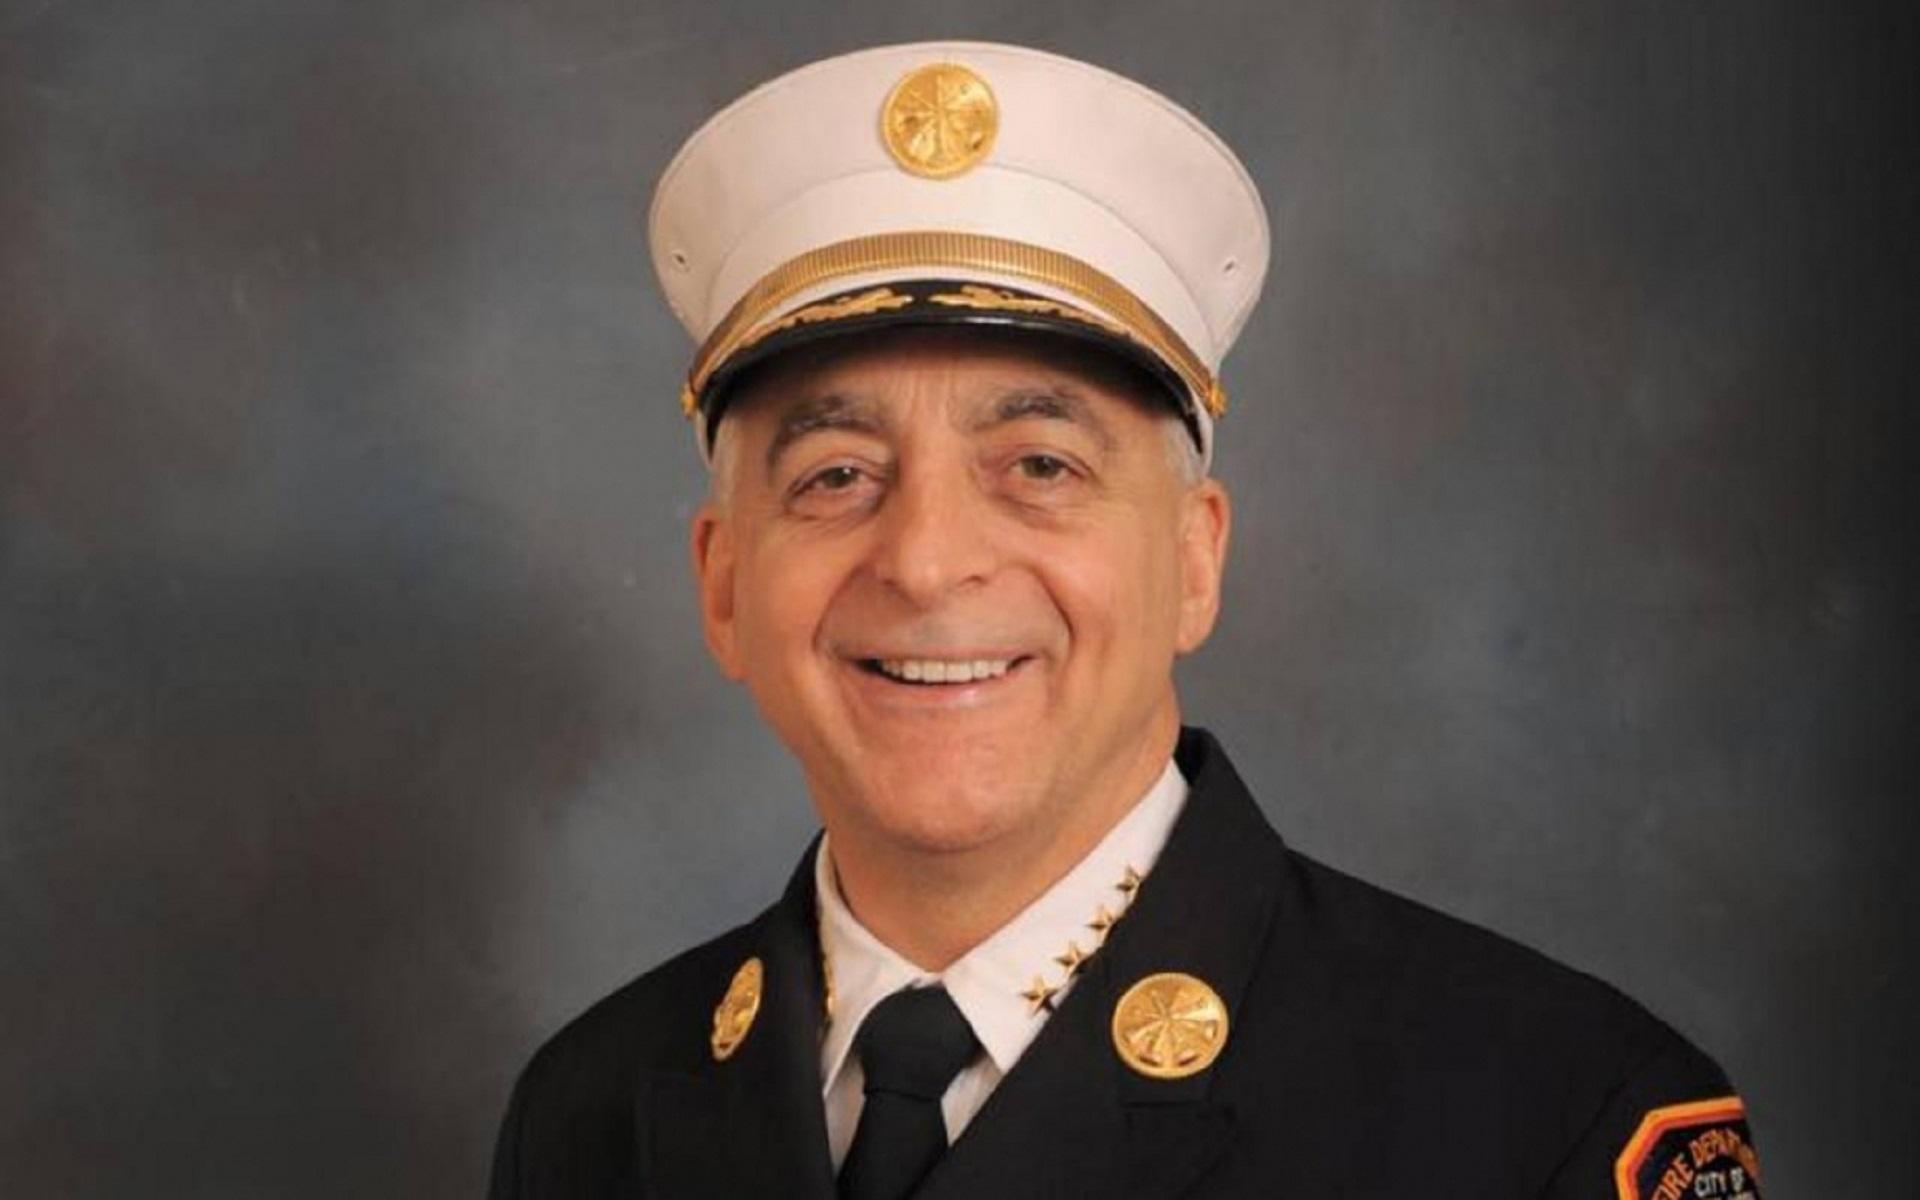 🇺🇸 New York : L'ancien chef des pompiers meurt d'un cancer lié aux attentats du 11-Septembre